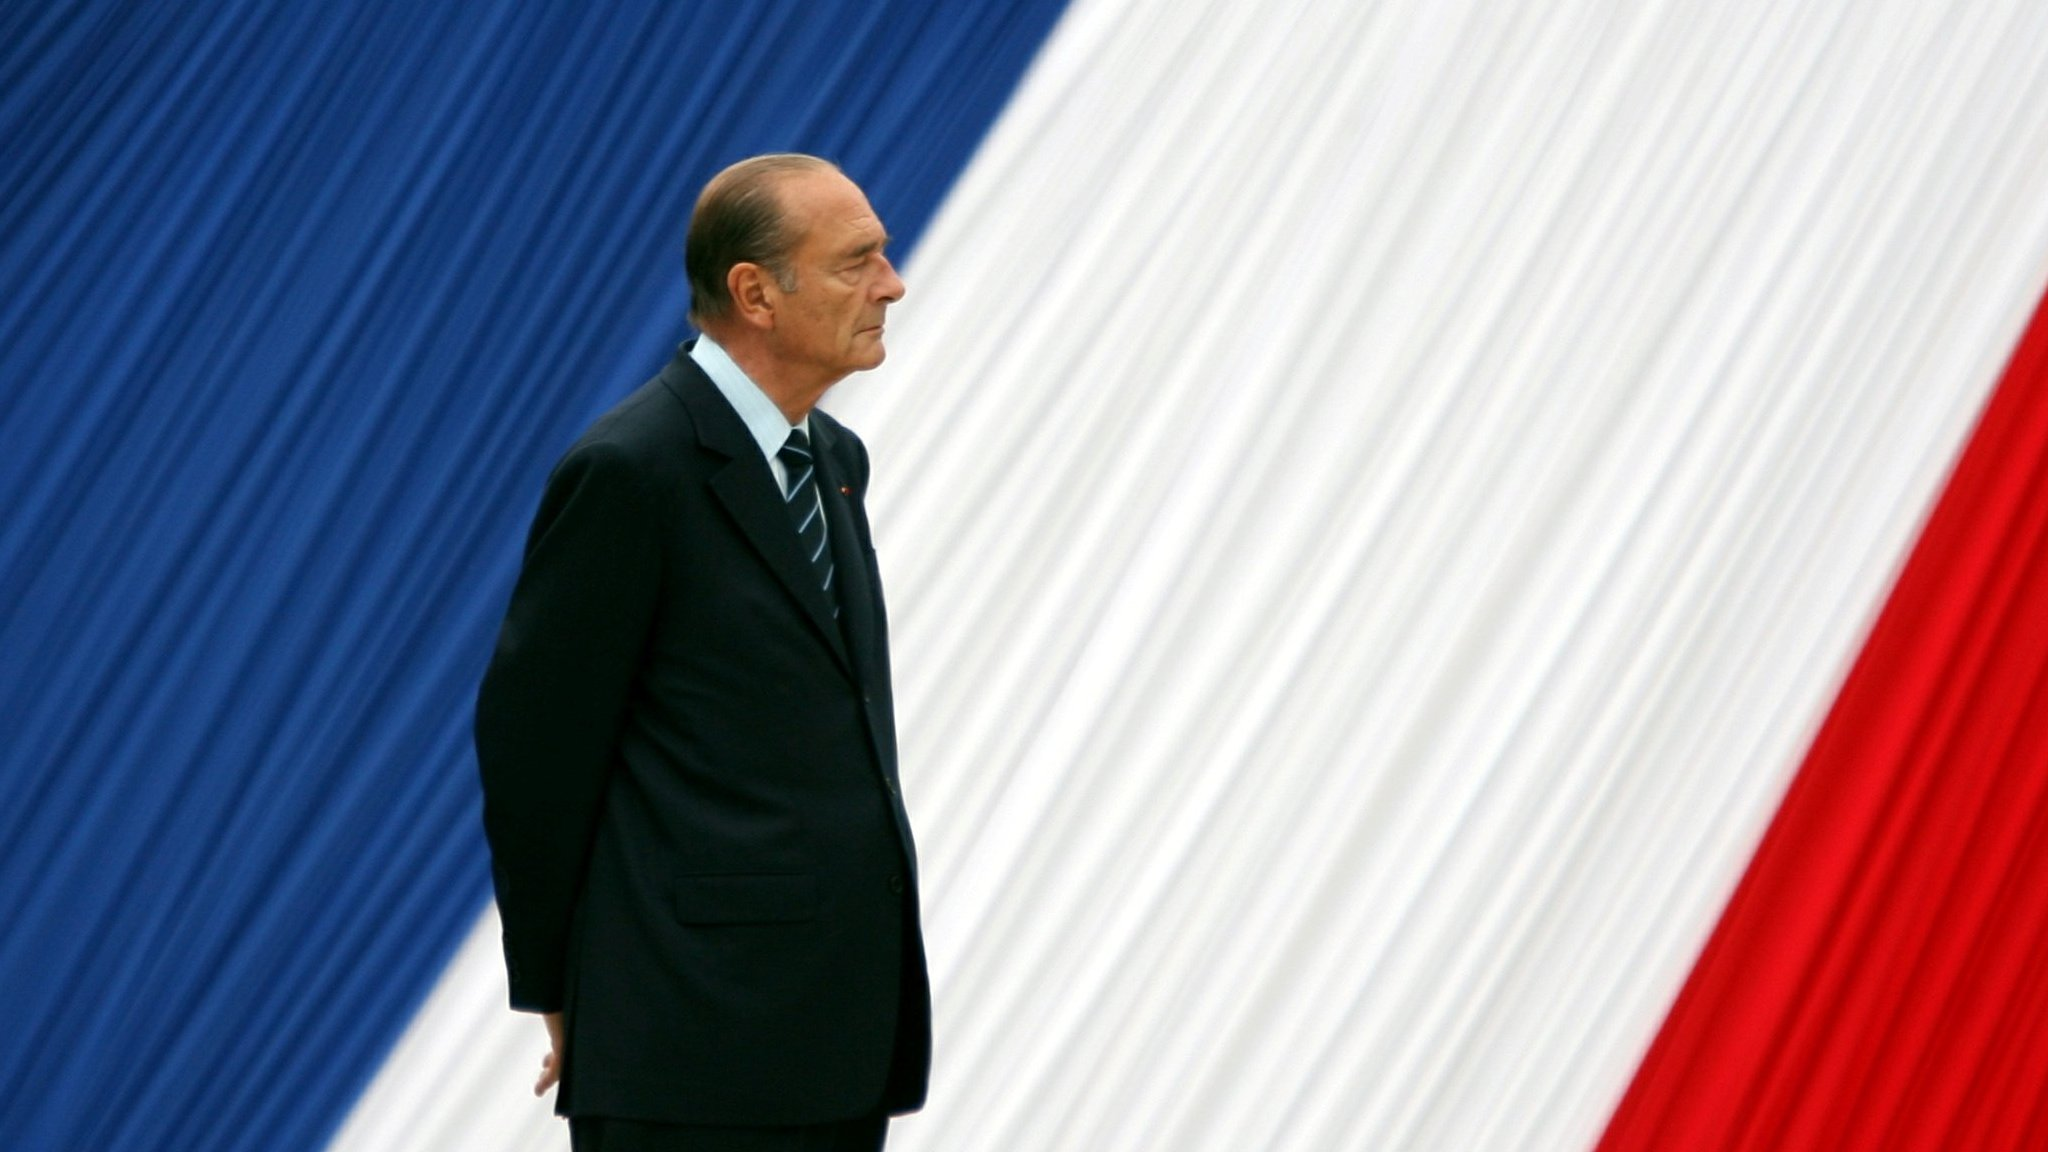 Помер Жак Ширак: спадкоємець Де Голля і апологет єдиної Європи